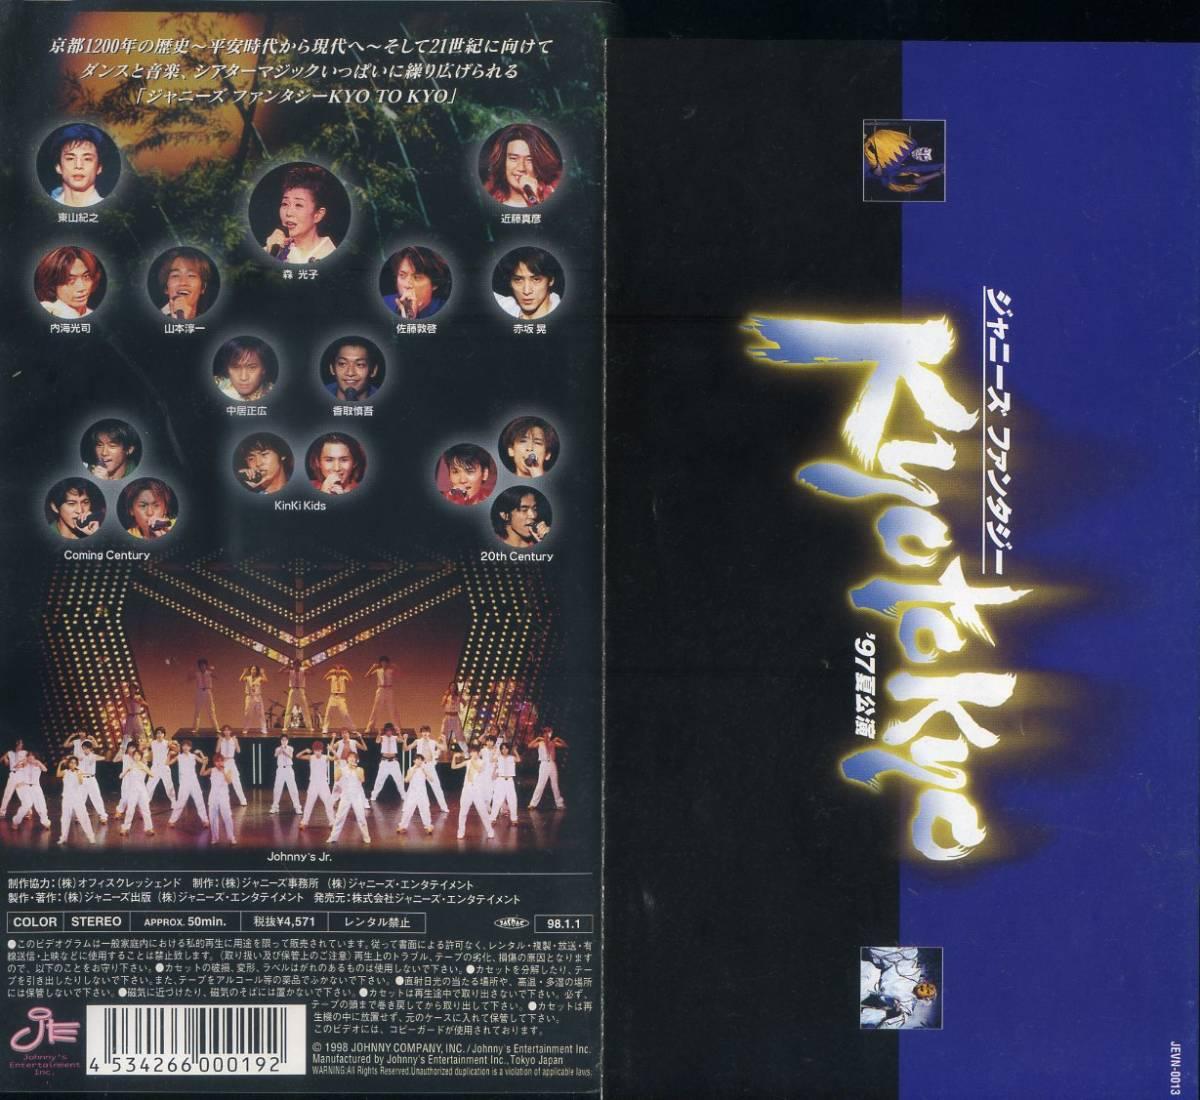 即決〈同梱歓迎〉VHS 付属品完品 ジャニーズ・ファンタジー KYO TO KYO 97夏公演 ビデオ◎その他多数出品中∞704_画像2